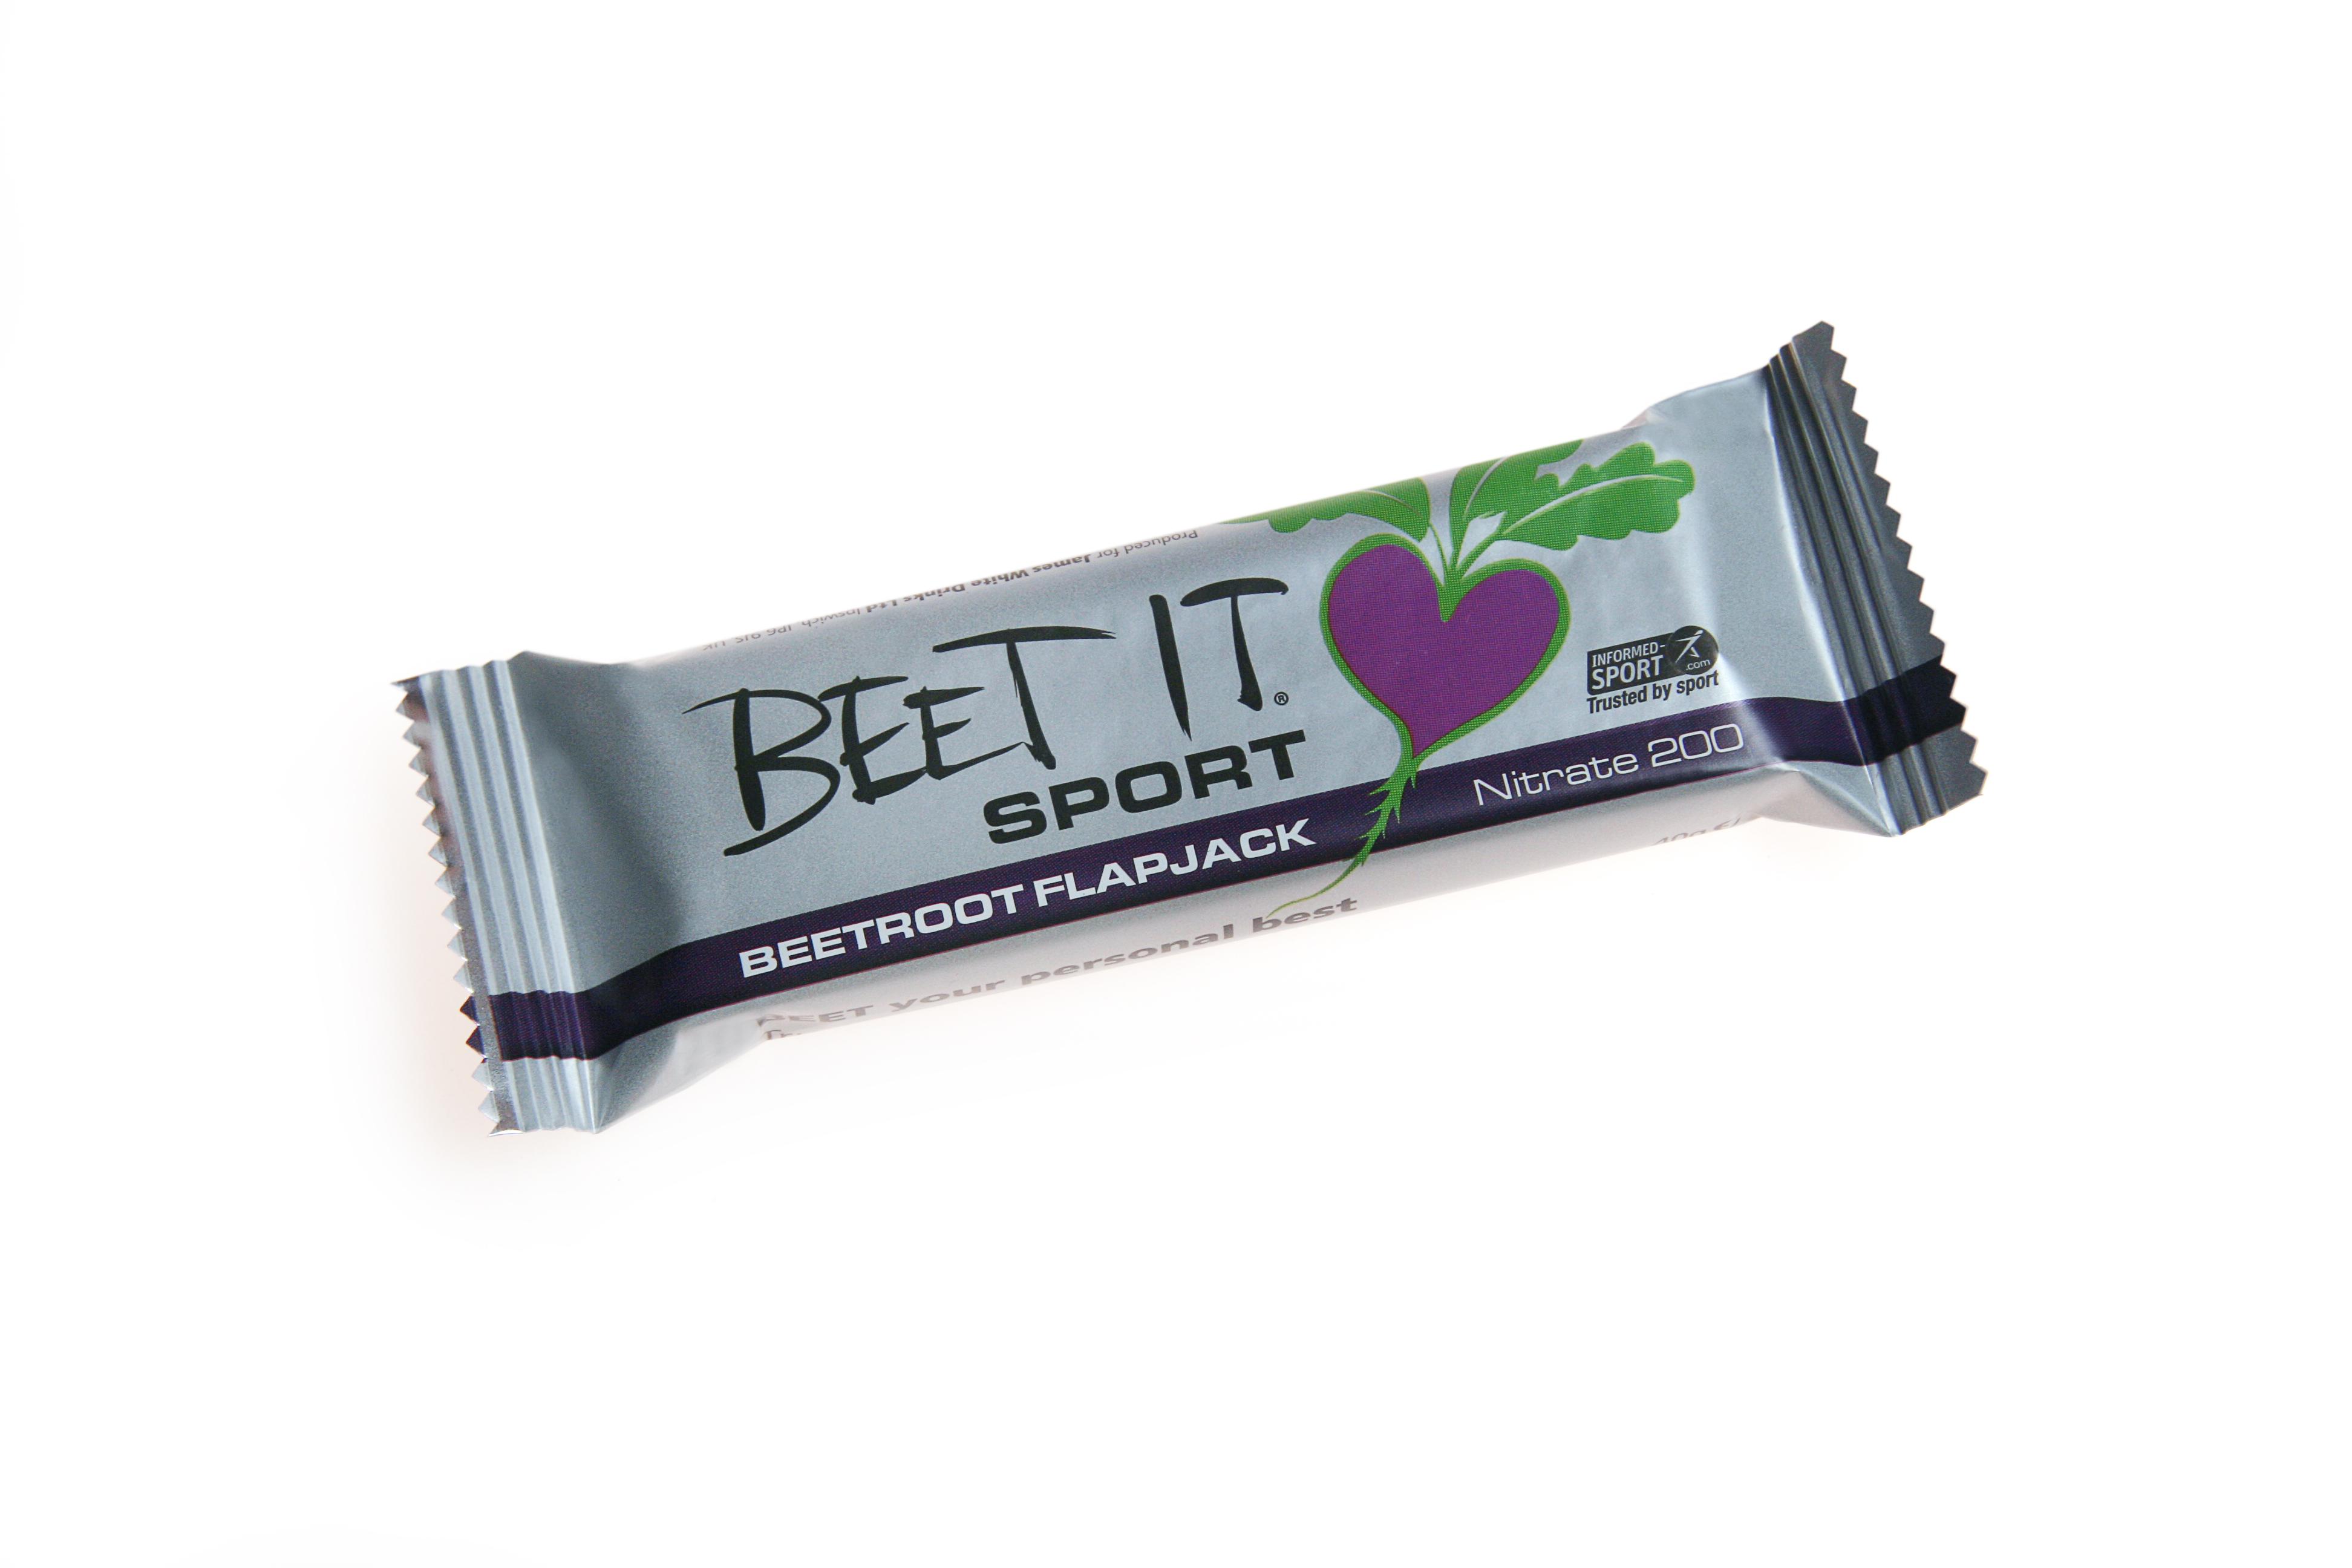 BEET-IT SPORT REEP